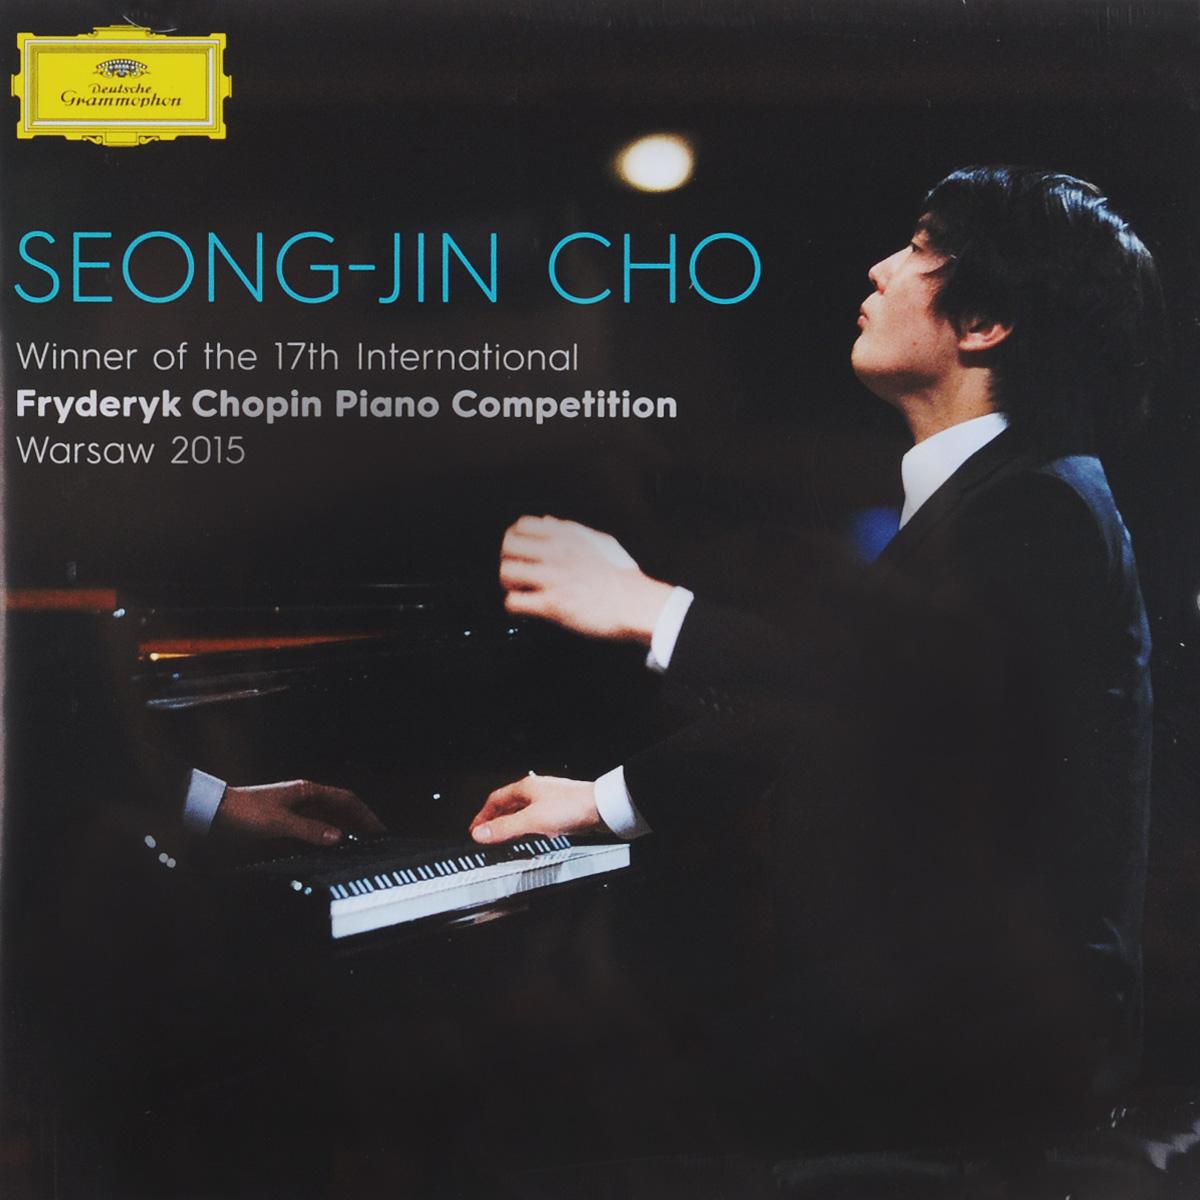 Сон Чжин Чо Seong-Jin Cho. Chopin. Winner of 17th International Chopin Piano Competition Warsaw 2015. Live